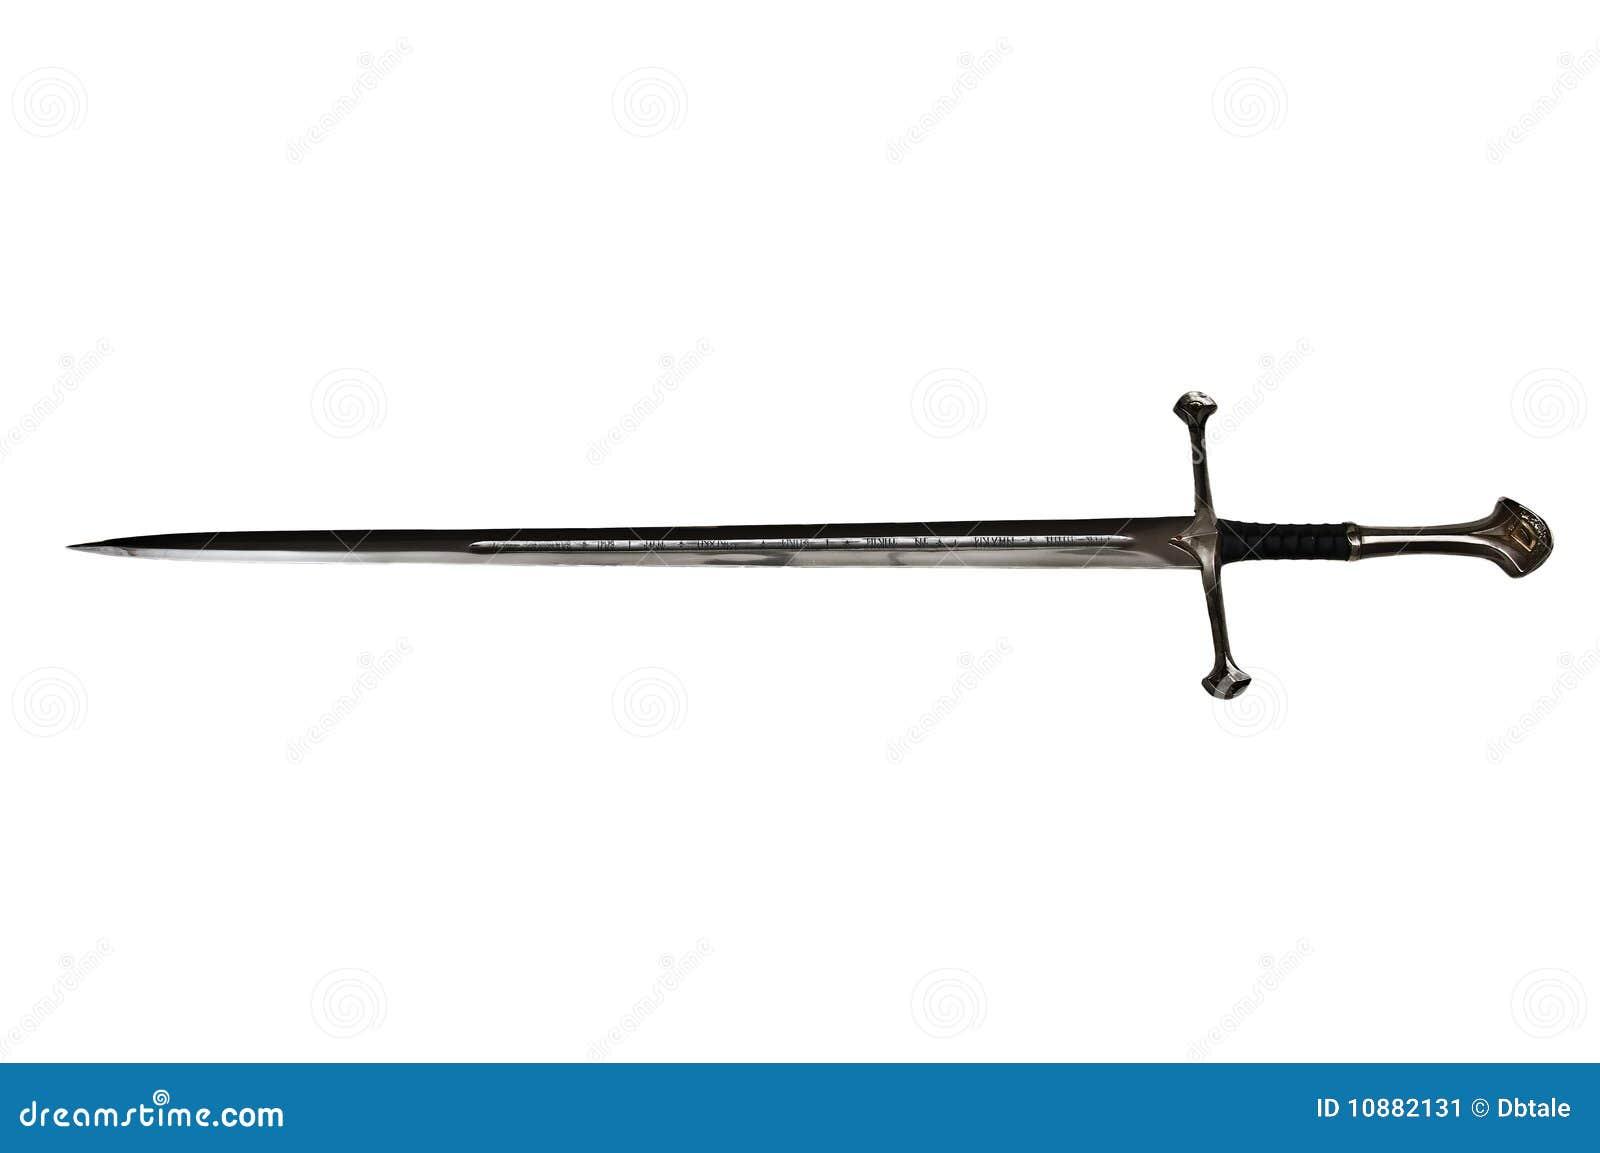 Hungarian sword